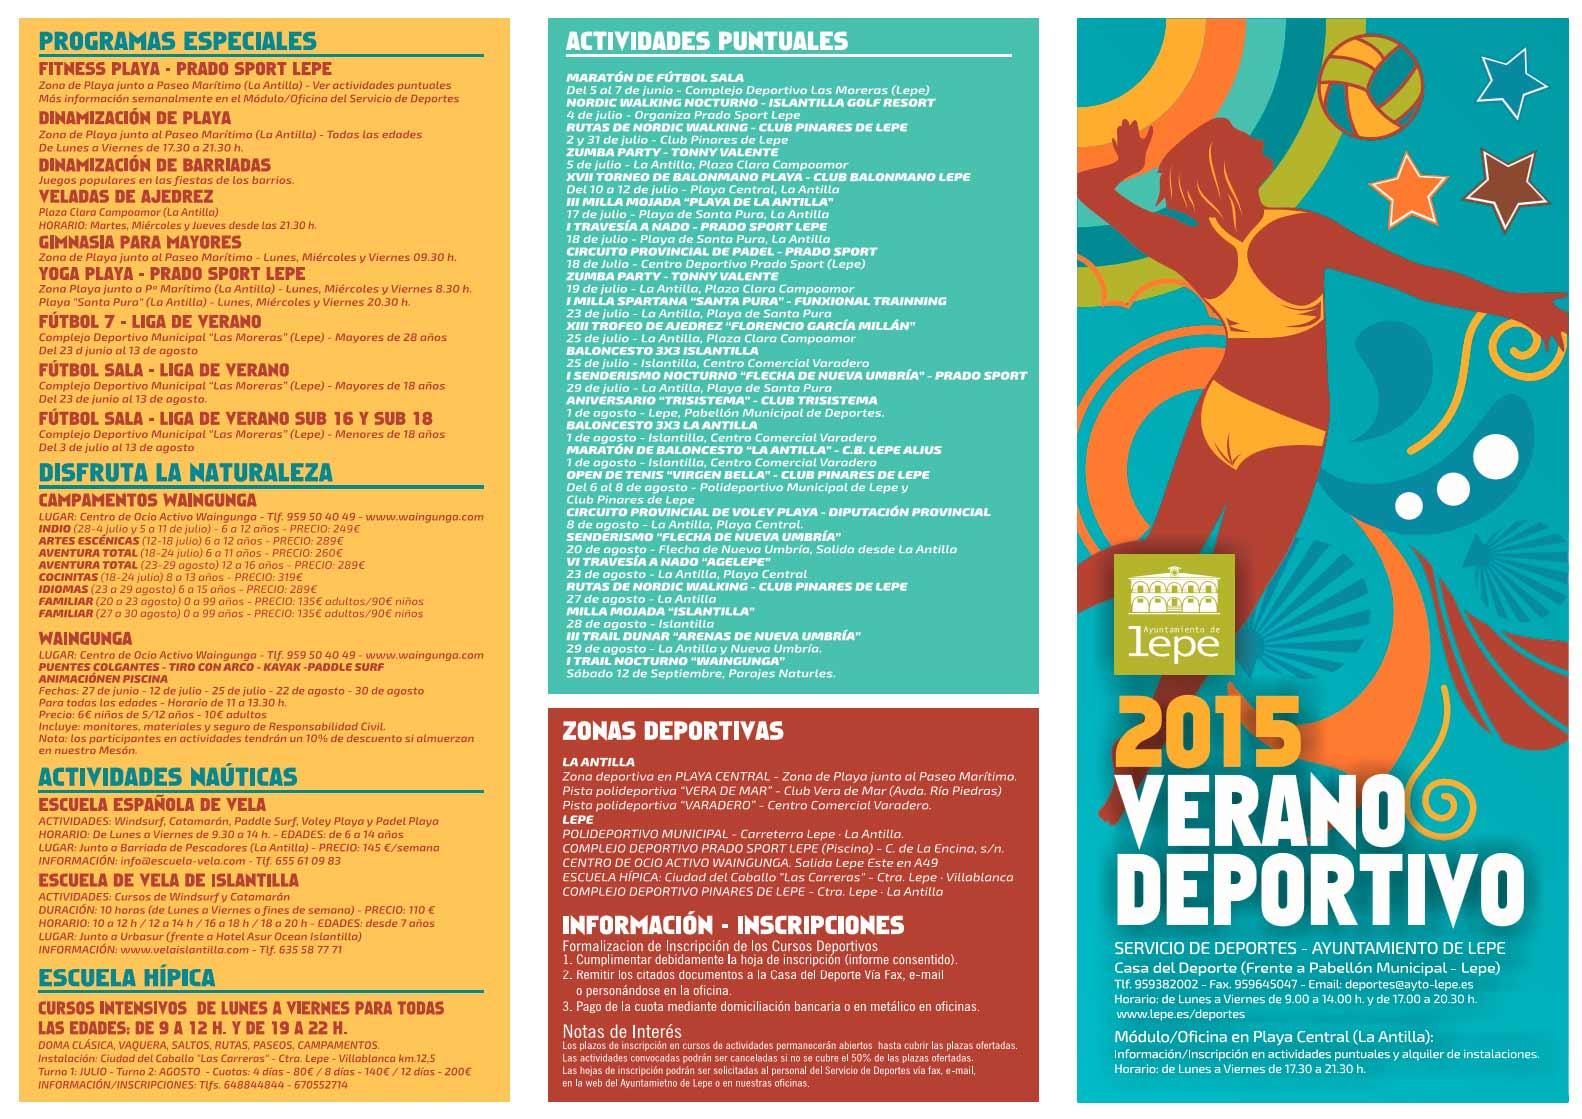 Programación deportiva verano 2015 Lepe-La Antilla